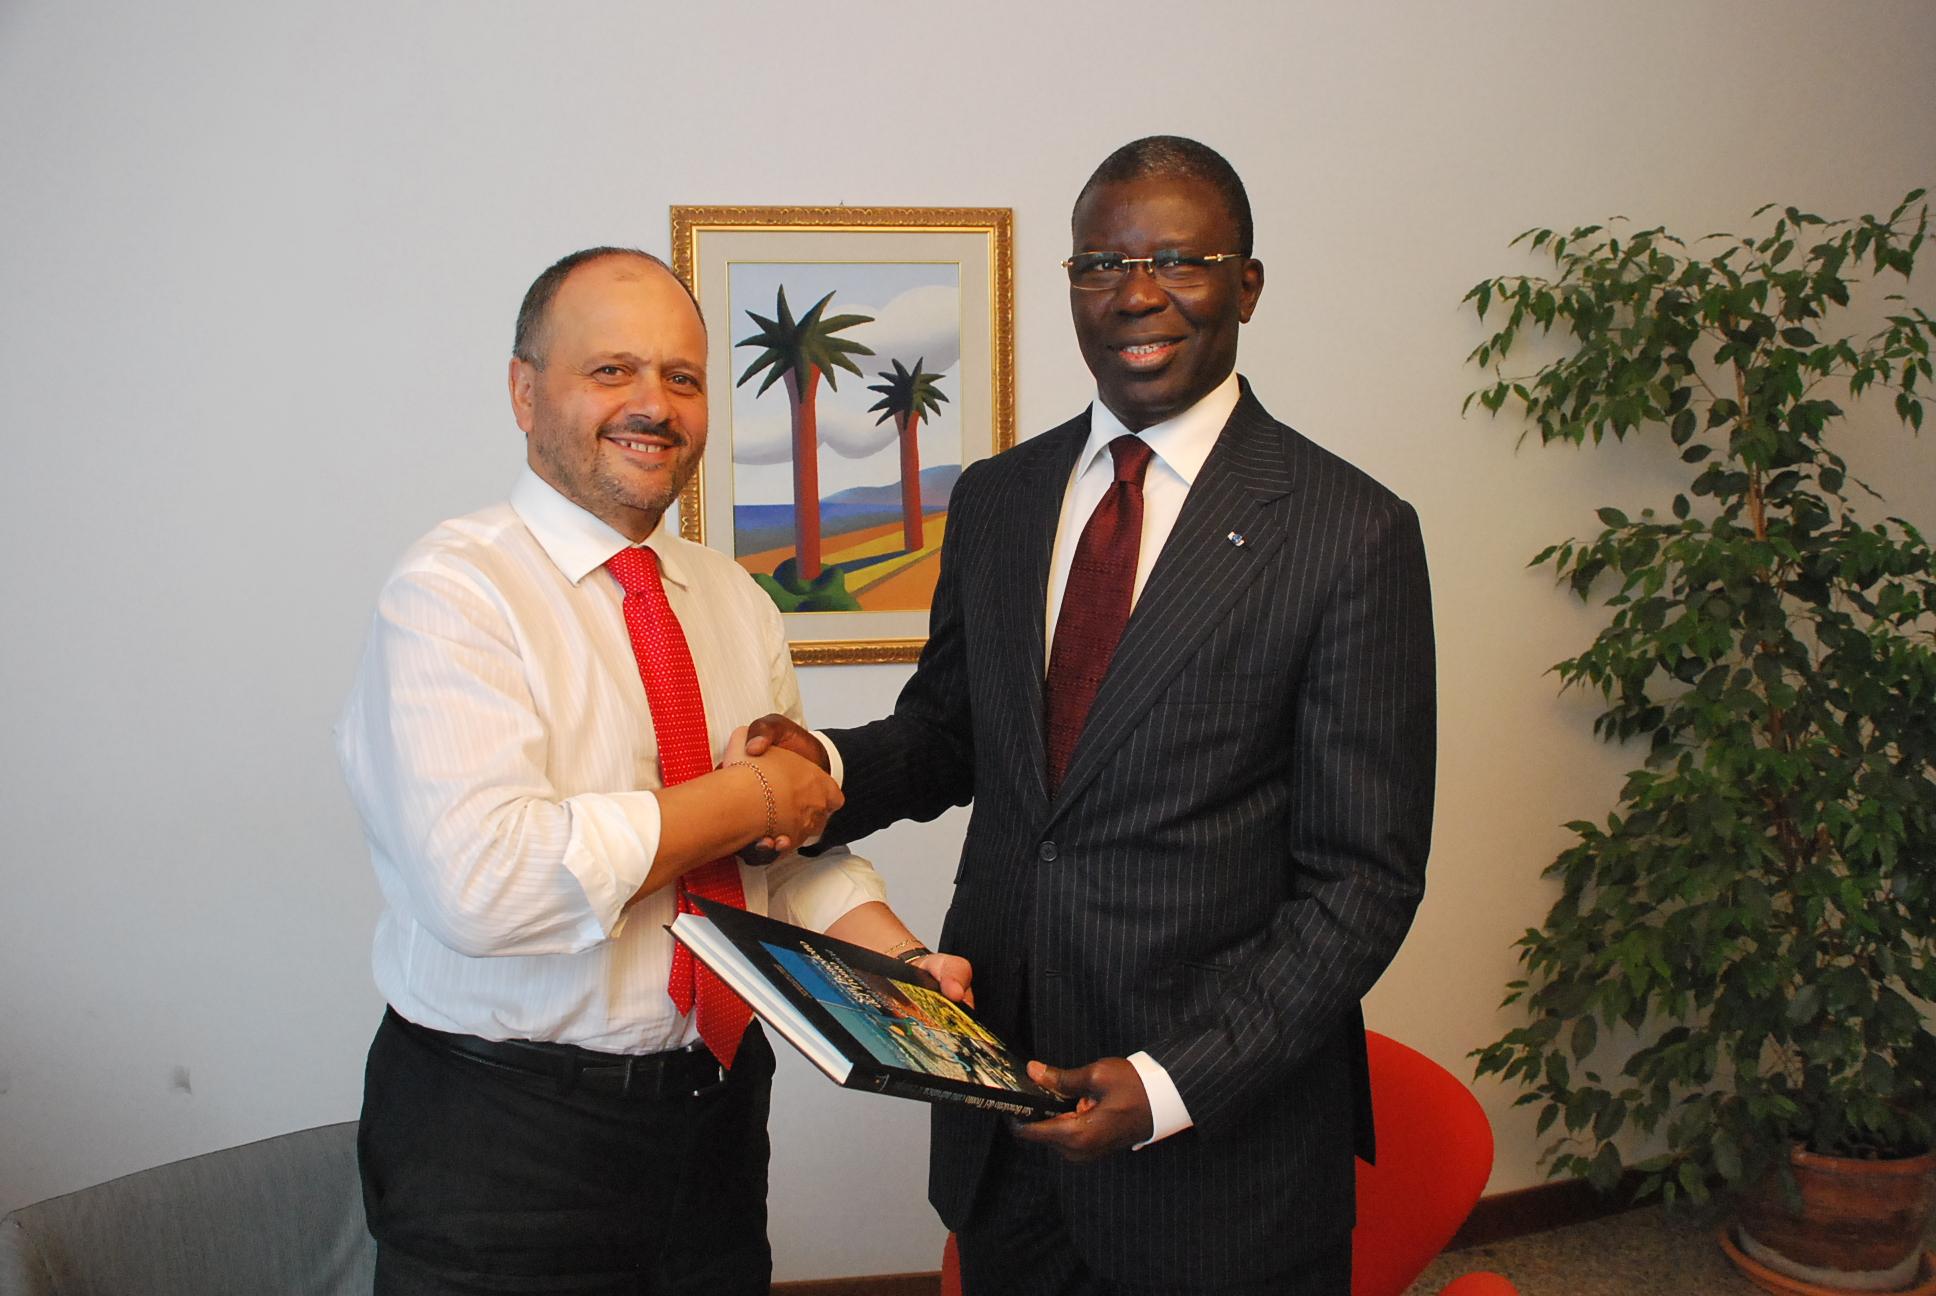 Il sindaco Gaspari con il politico del Senegal ricevuto in Comune